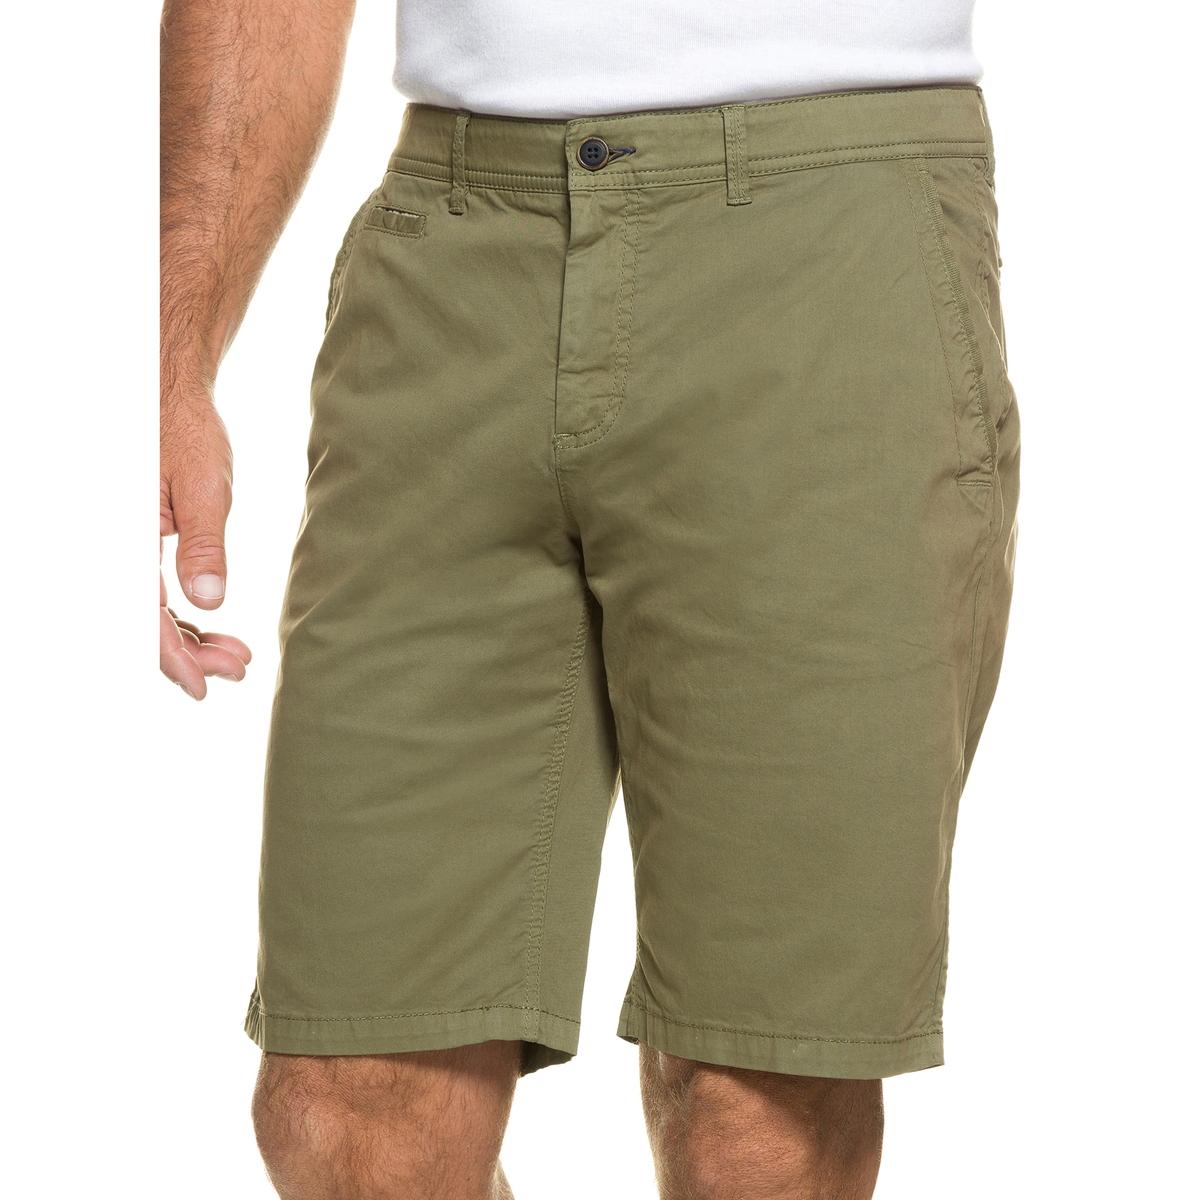 БермудыБермуды-чино из тонкой летней ткани JP1880. Комфортный покрой из ткани стретч с 4 карманами, пояс со шлевками, застежка на молнию и пуговицу. Стандартная талия, комфортная ширина на бедрах и брючин, стандартная ширина на щиколотках. 98% хлопка, 2% эластана. Длина по внутр.шву. 26-26,75 см<br><br>Цвет: оливковый